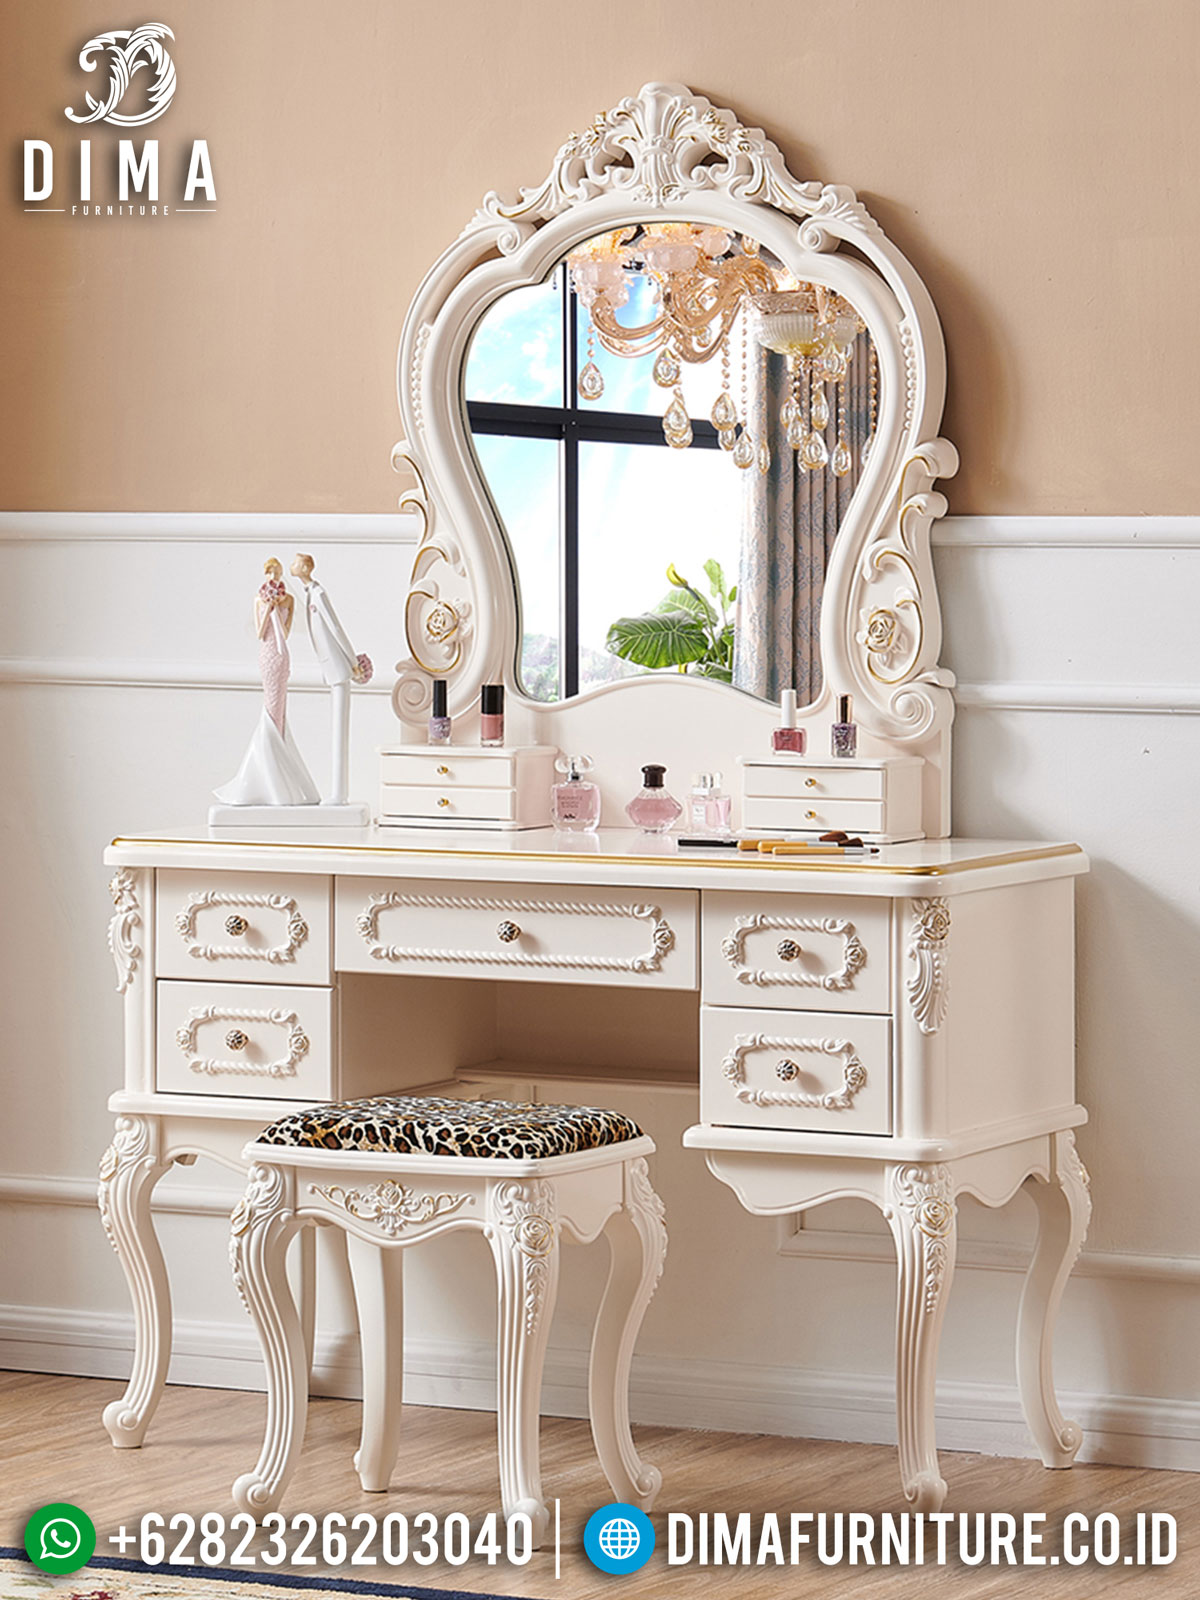 Meja Rias Mewah Ukiran Jepara Luxury Elegant White Duco ST-1391